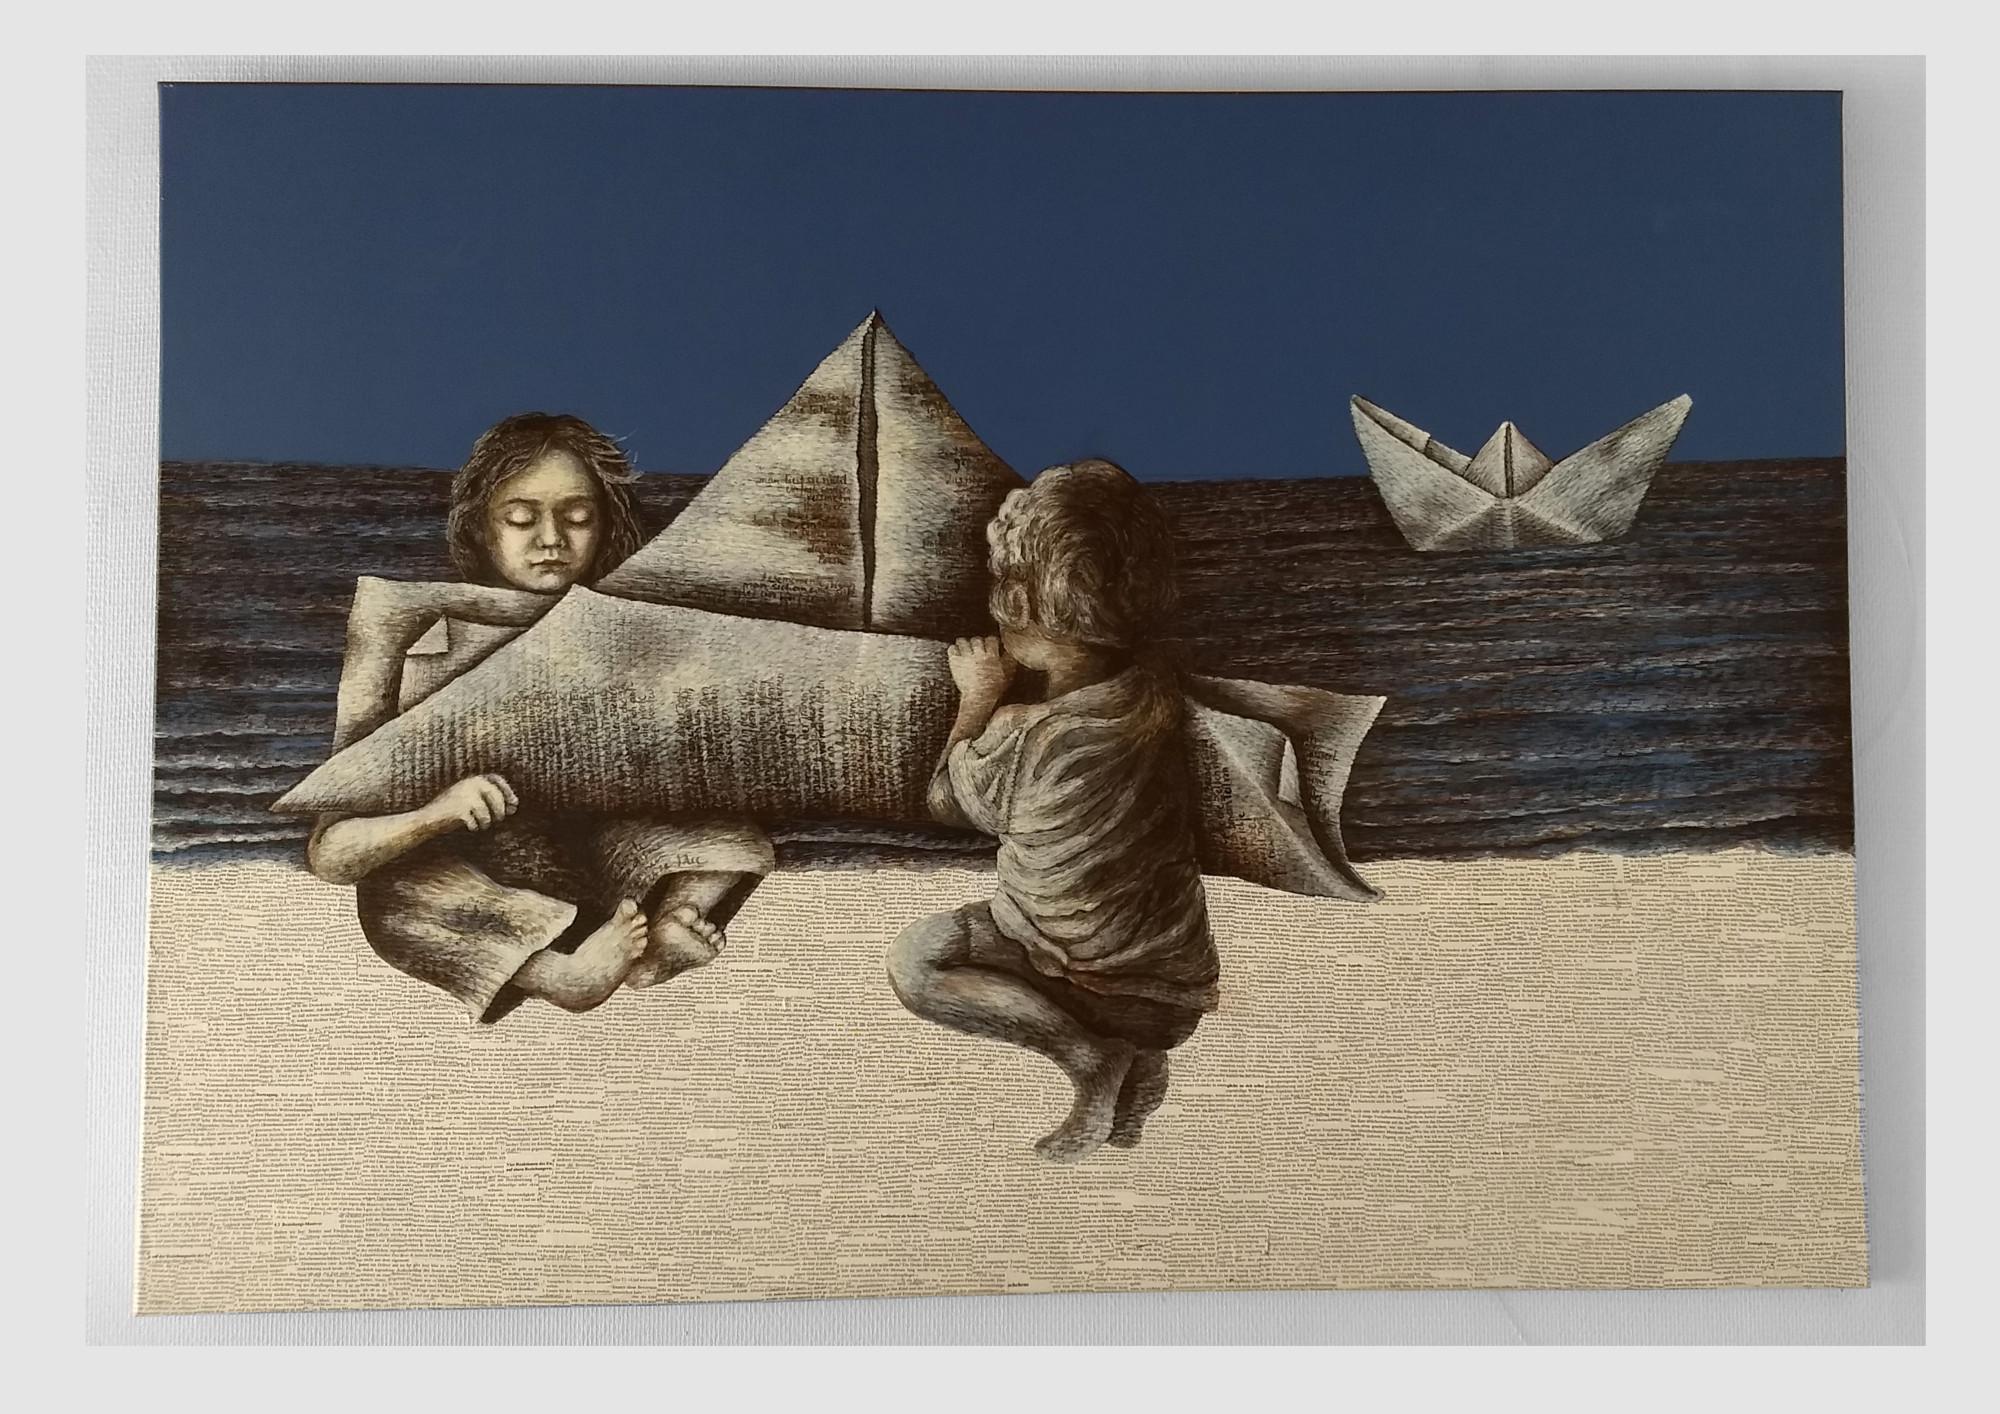 Malerei für bibliophile Bücherfans: Papierschiff, zwei Kinder falten ein Boot aus Worten.